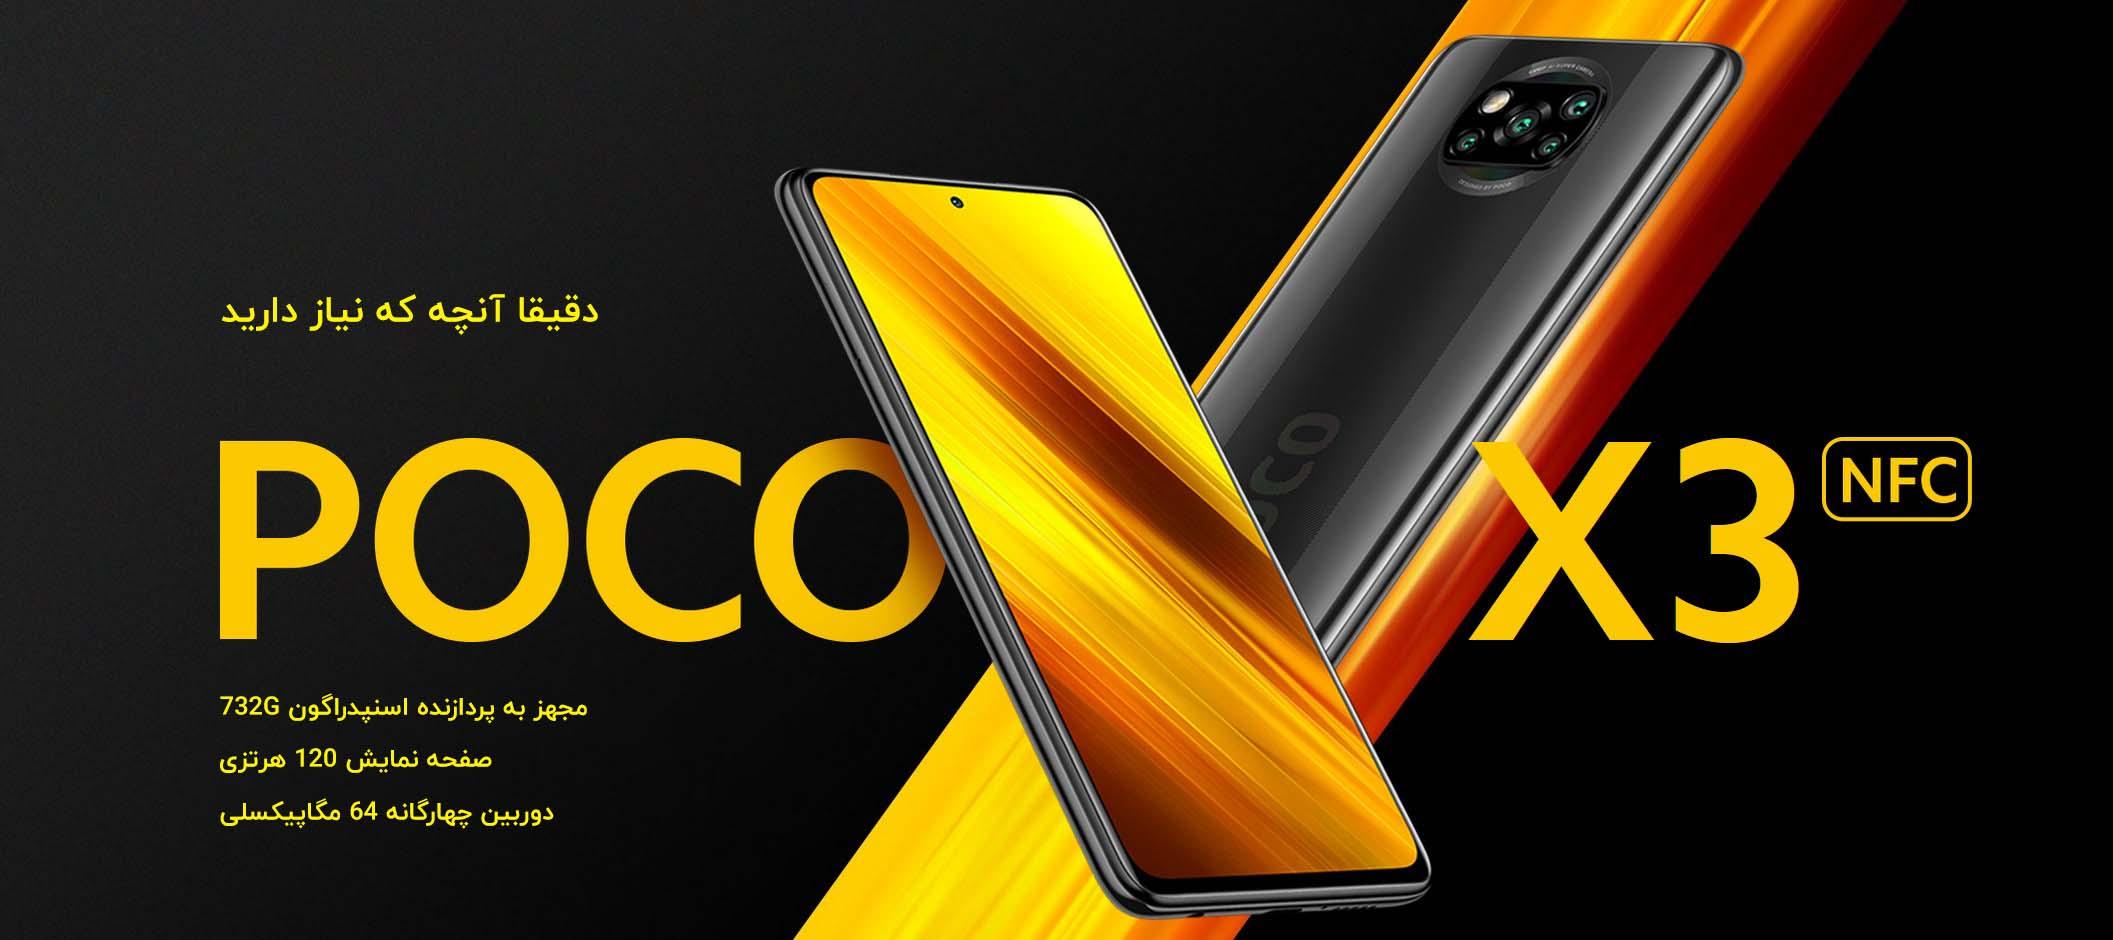 گوشی موبایل Poco X3 NFC ظرفیت64/128گیگابایت